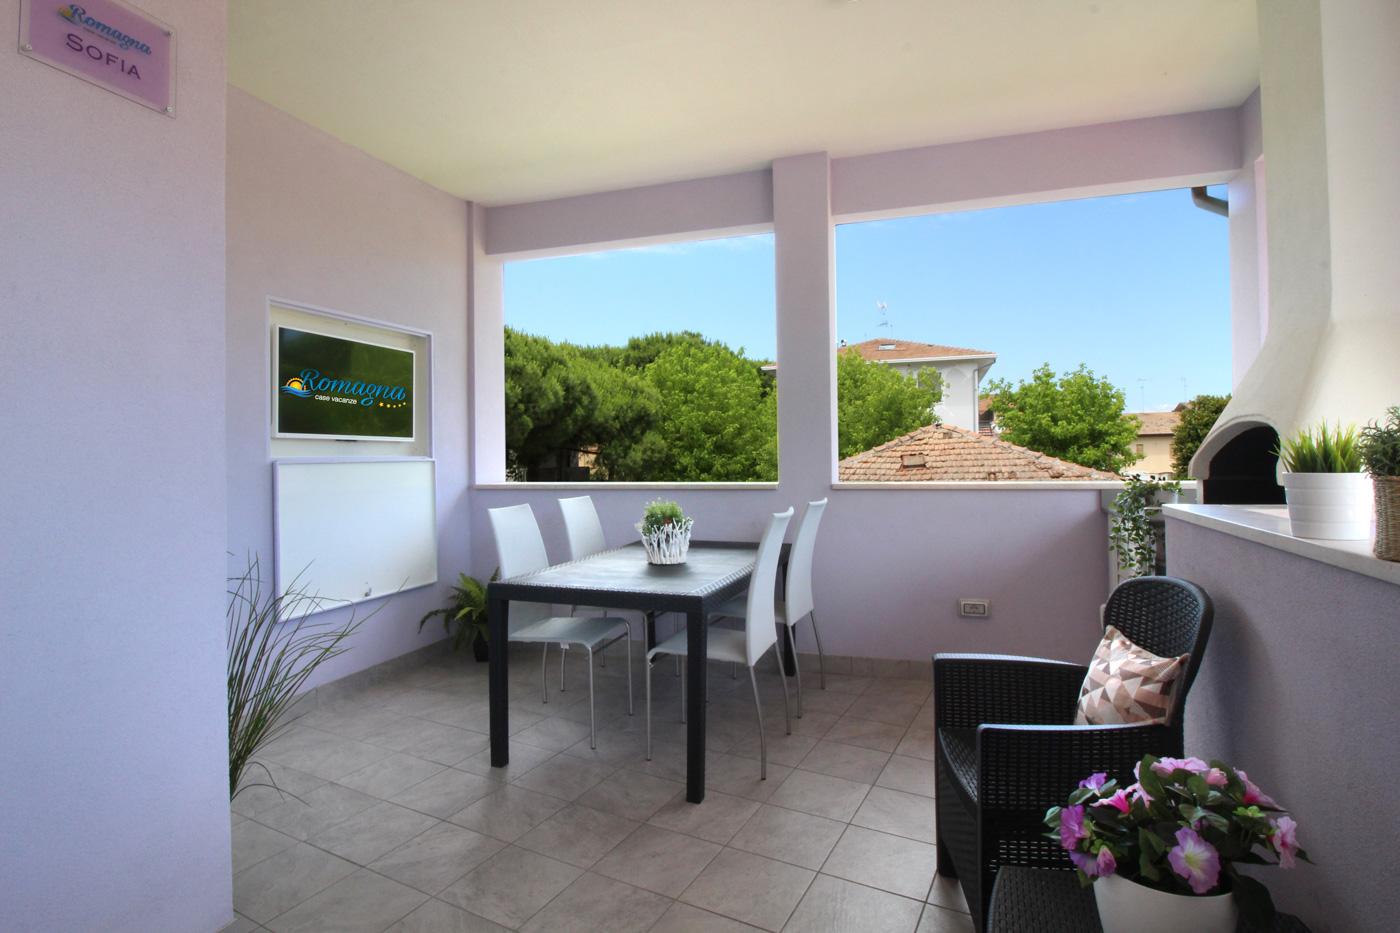 Appartamento Sofia_Romagna case vacanze_Gatteo mare_San mauro_9751_2